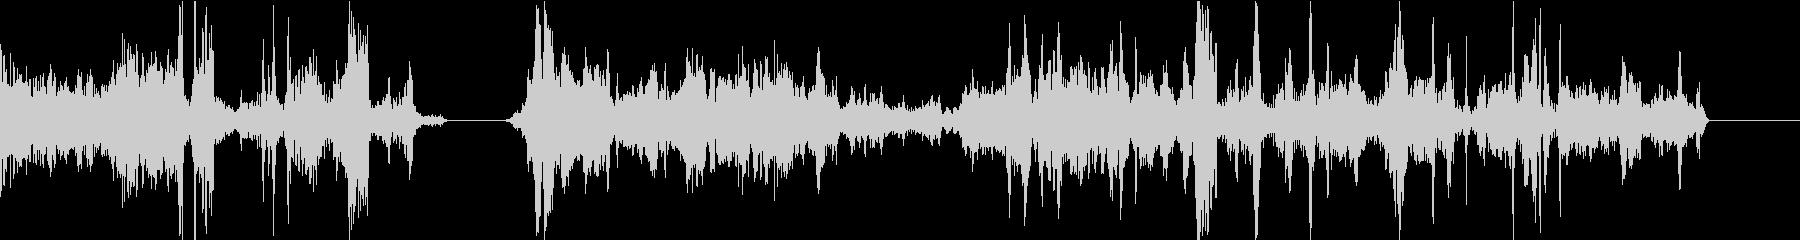 TVFX POPなザッピング音 6の未再生の波形